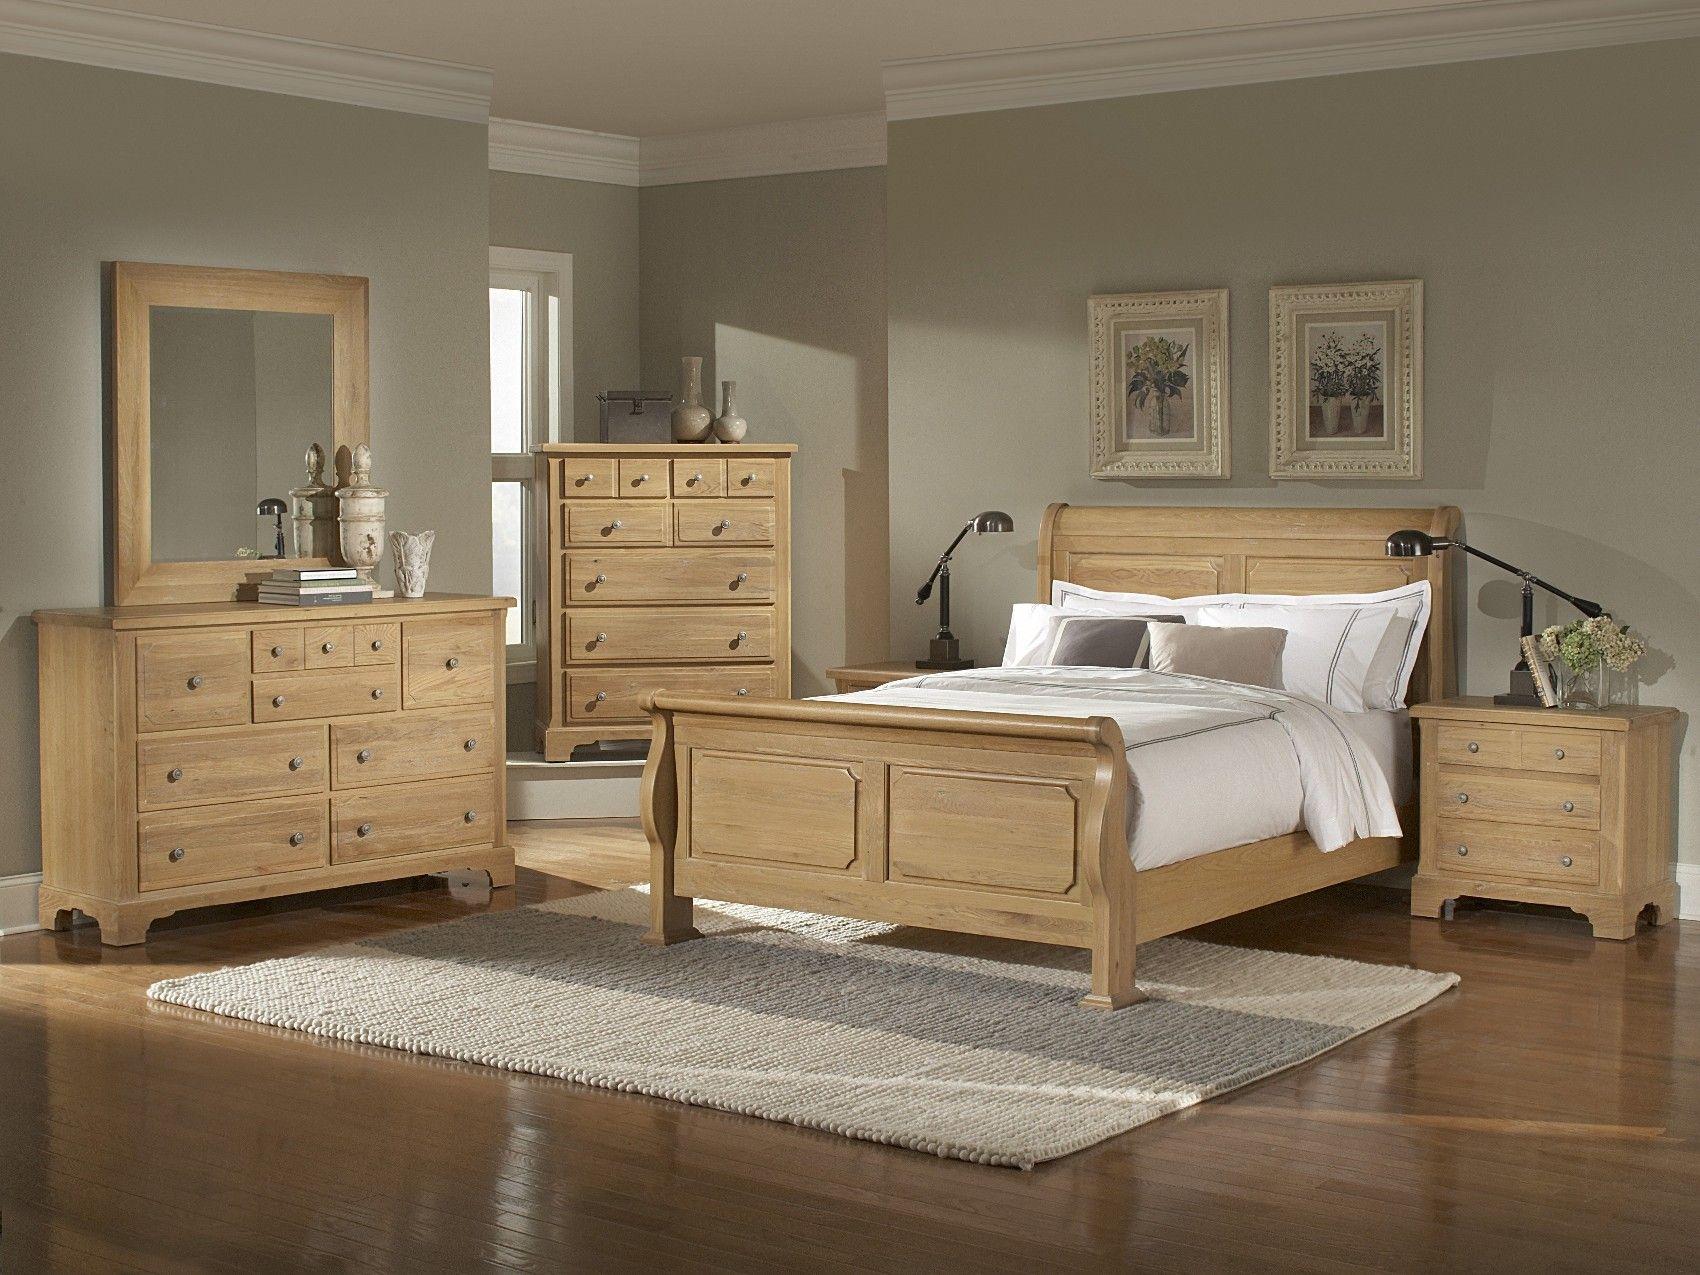 oak bedroom furniture sets   Washed Oak Queen Sleigh